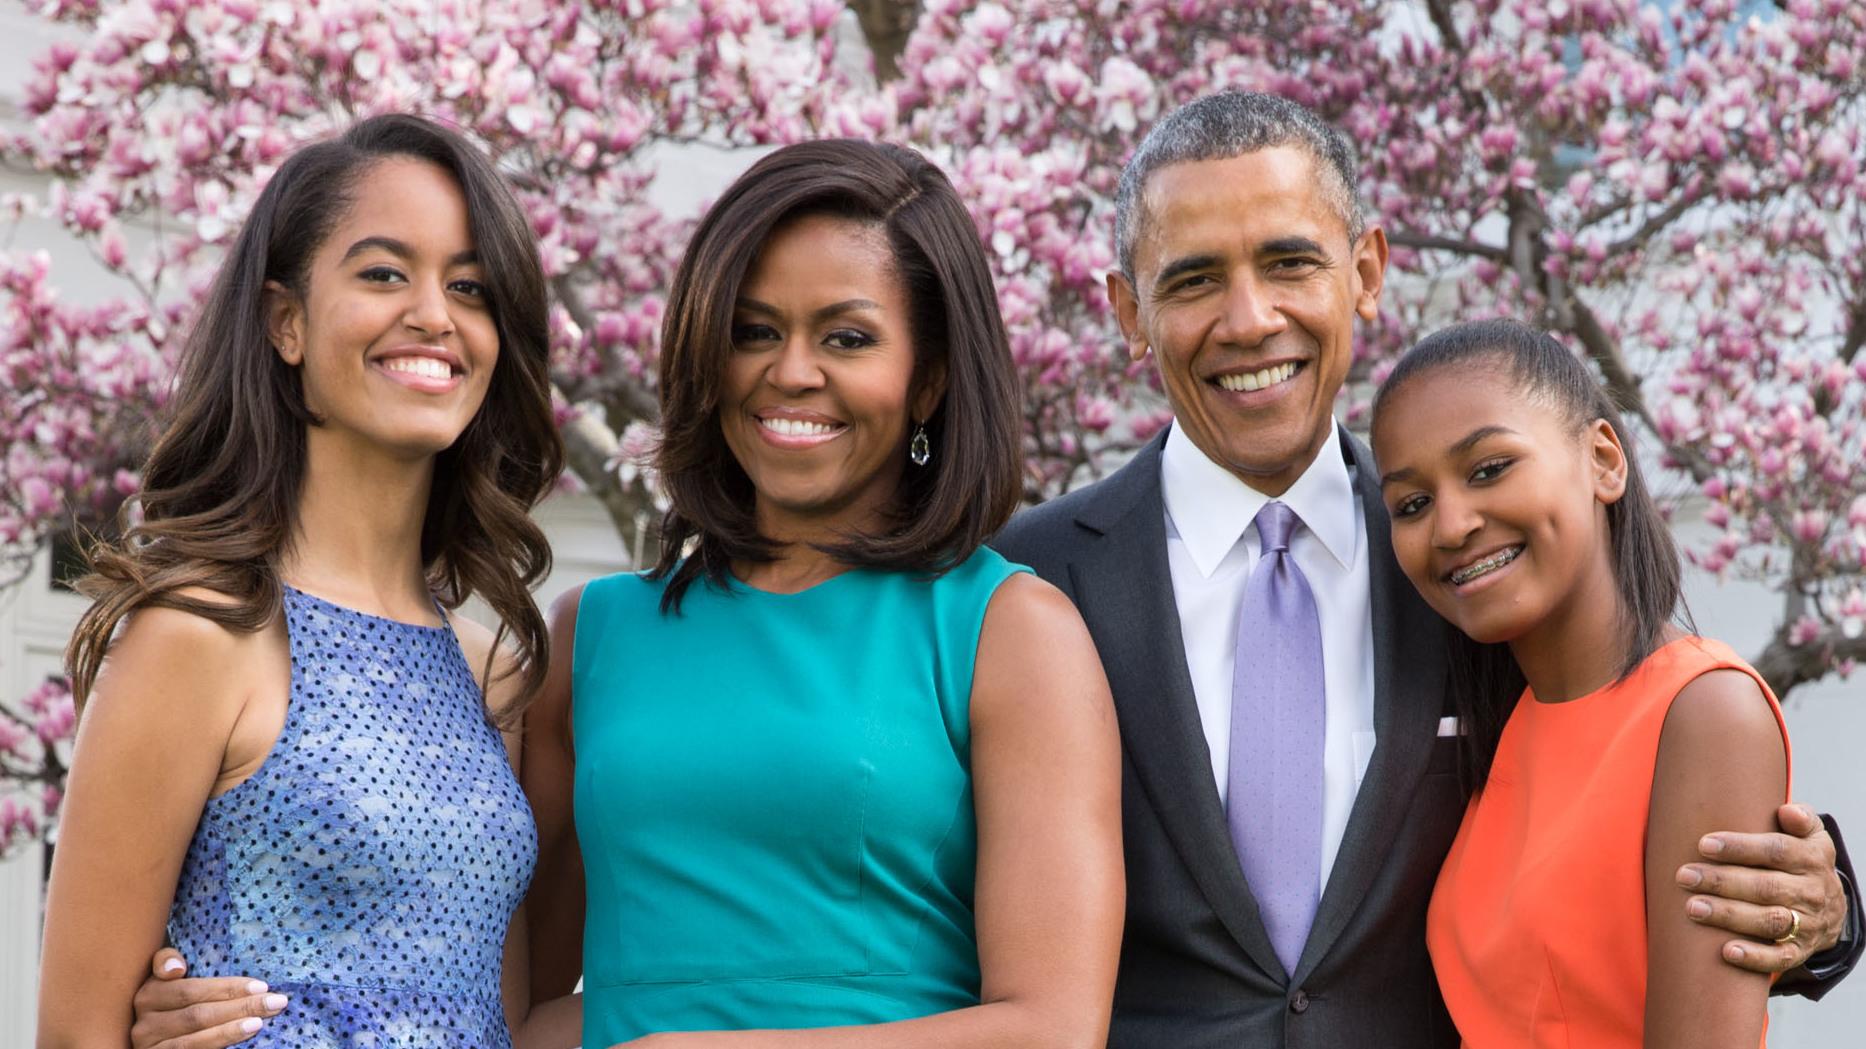 Family of Barack Obama - Wikipedia